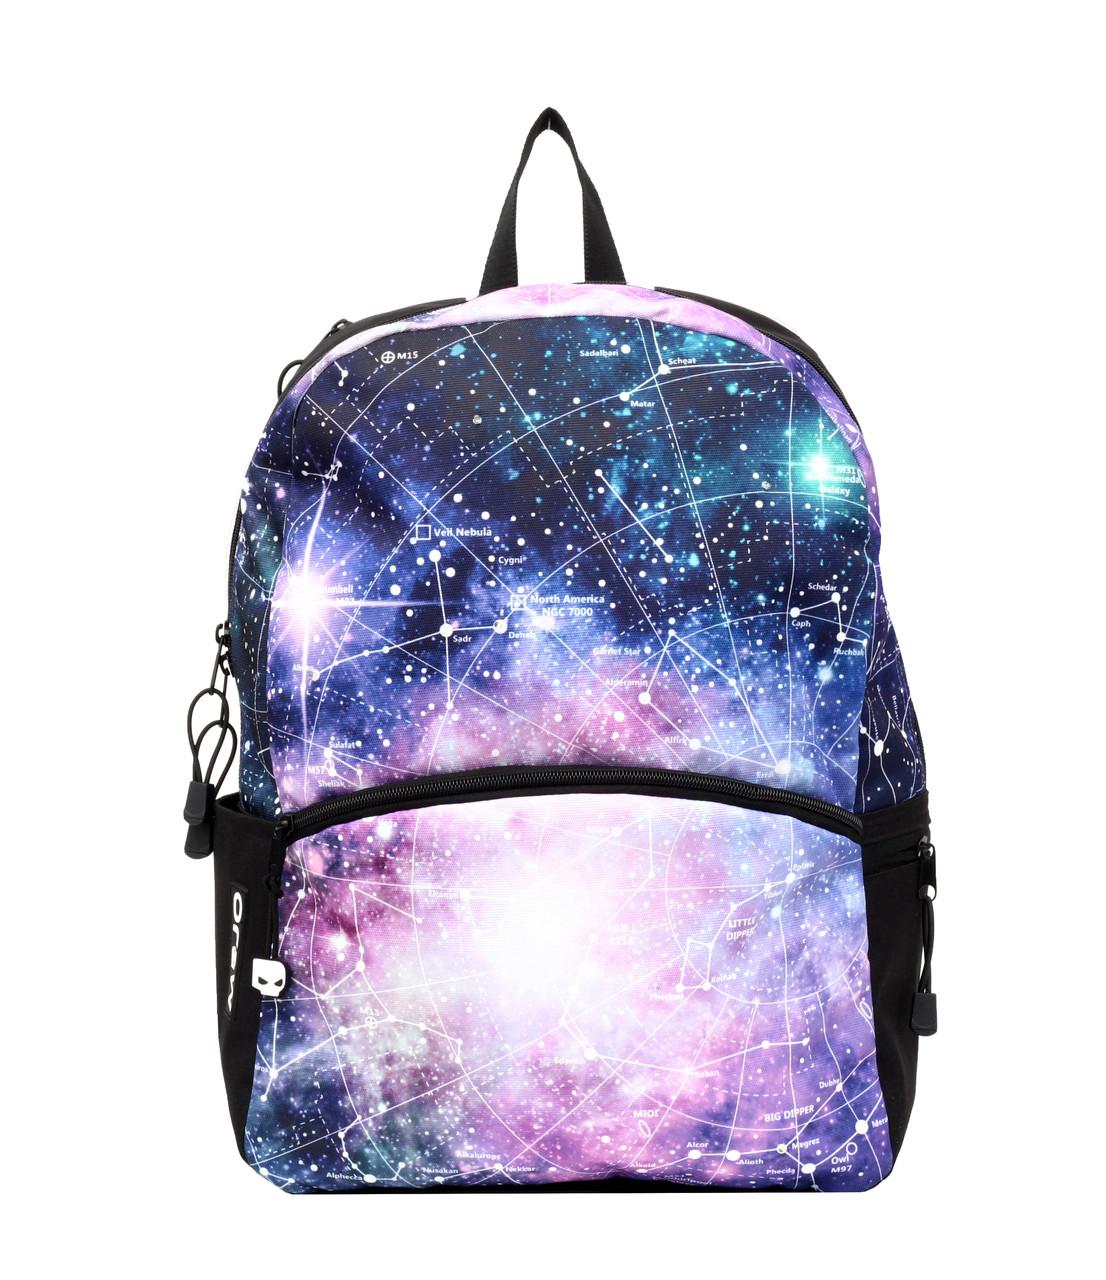 Рюкзак MOJO ГАЛАКТИКА 2016 (колір мульті з LED cвітлом)